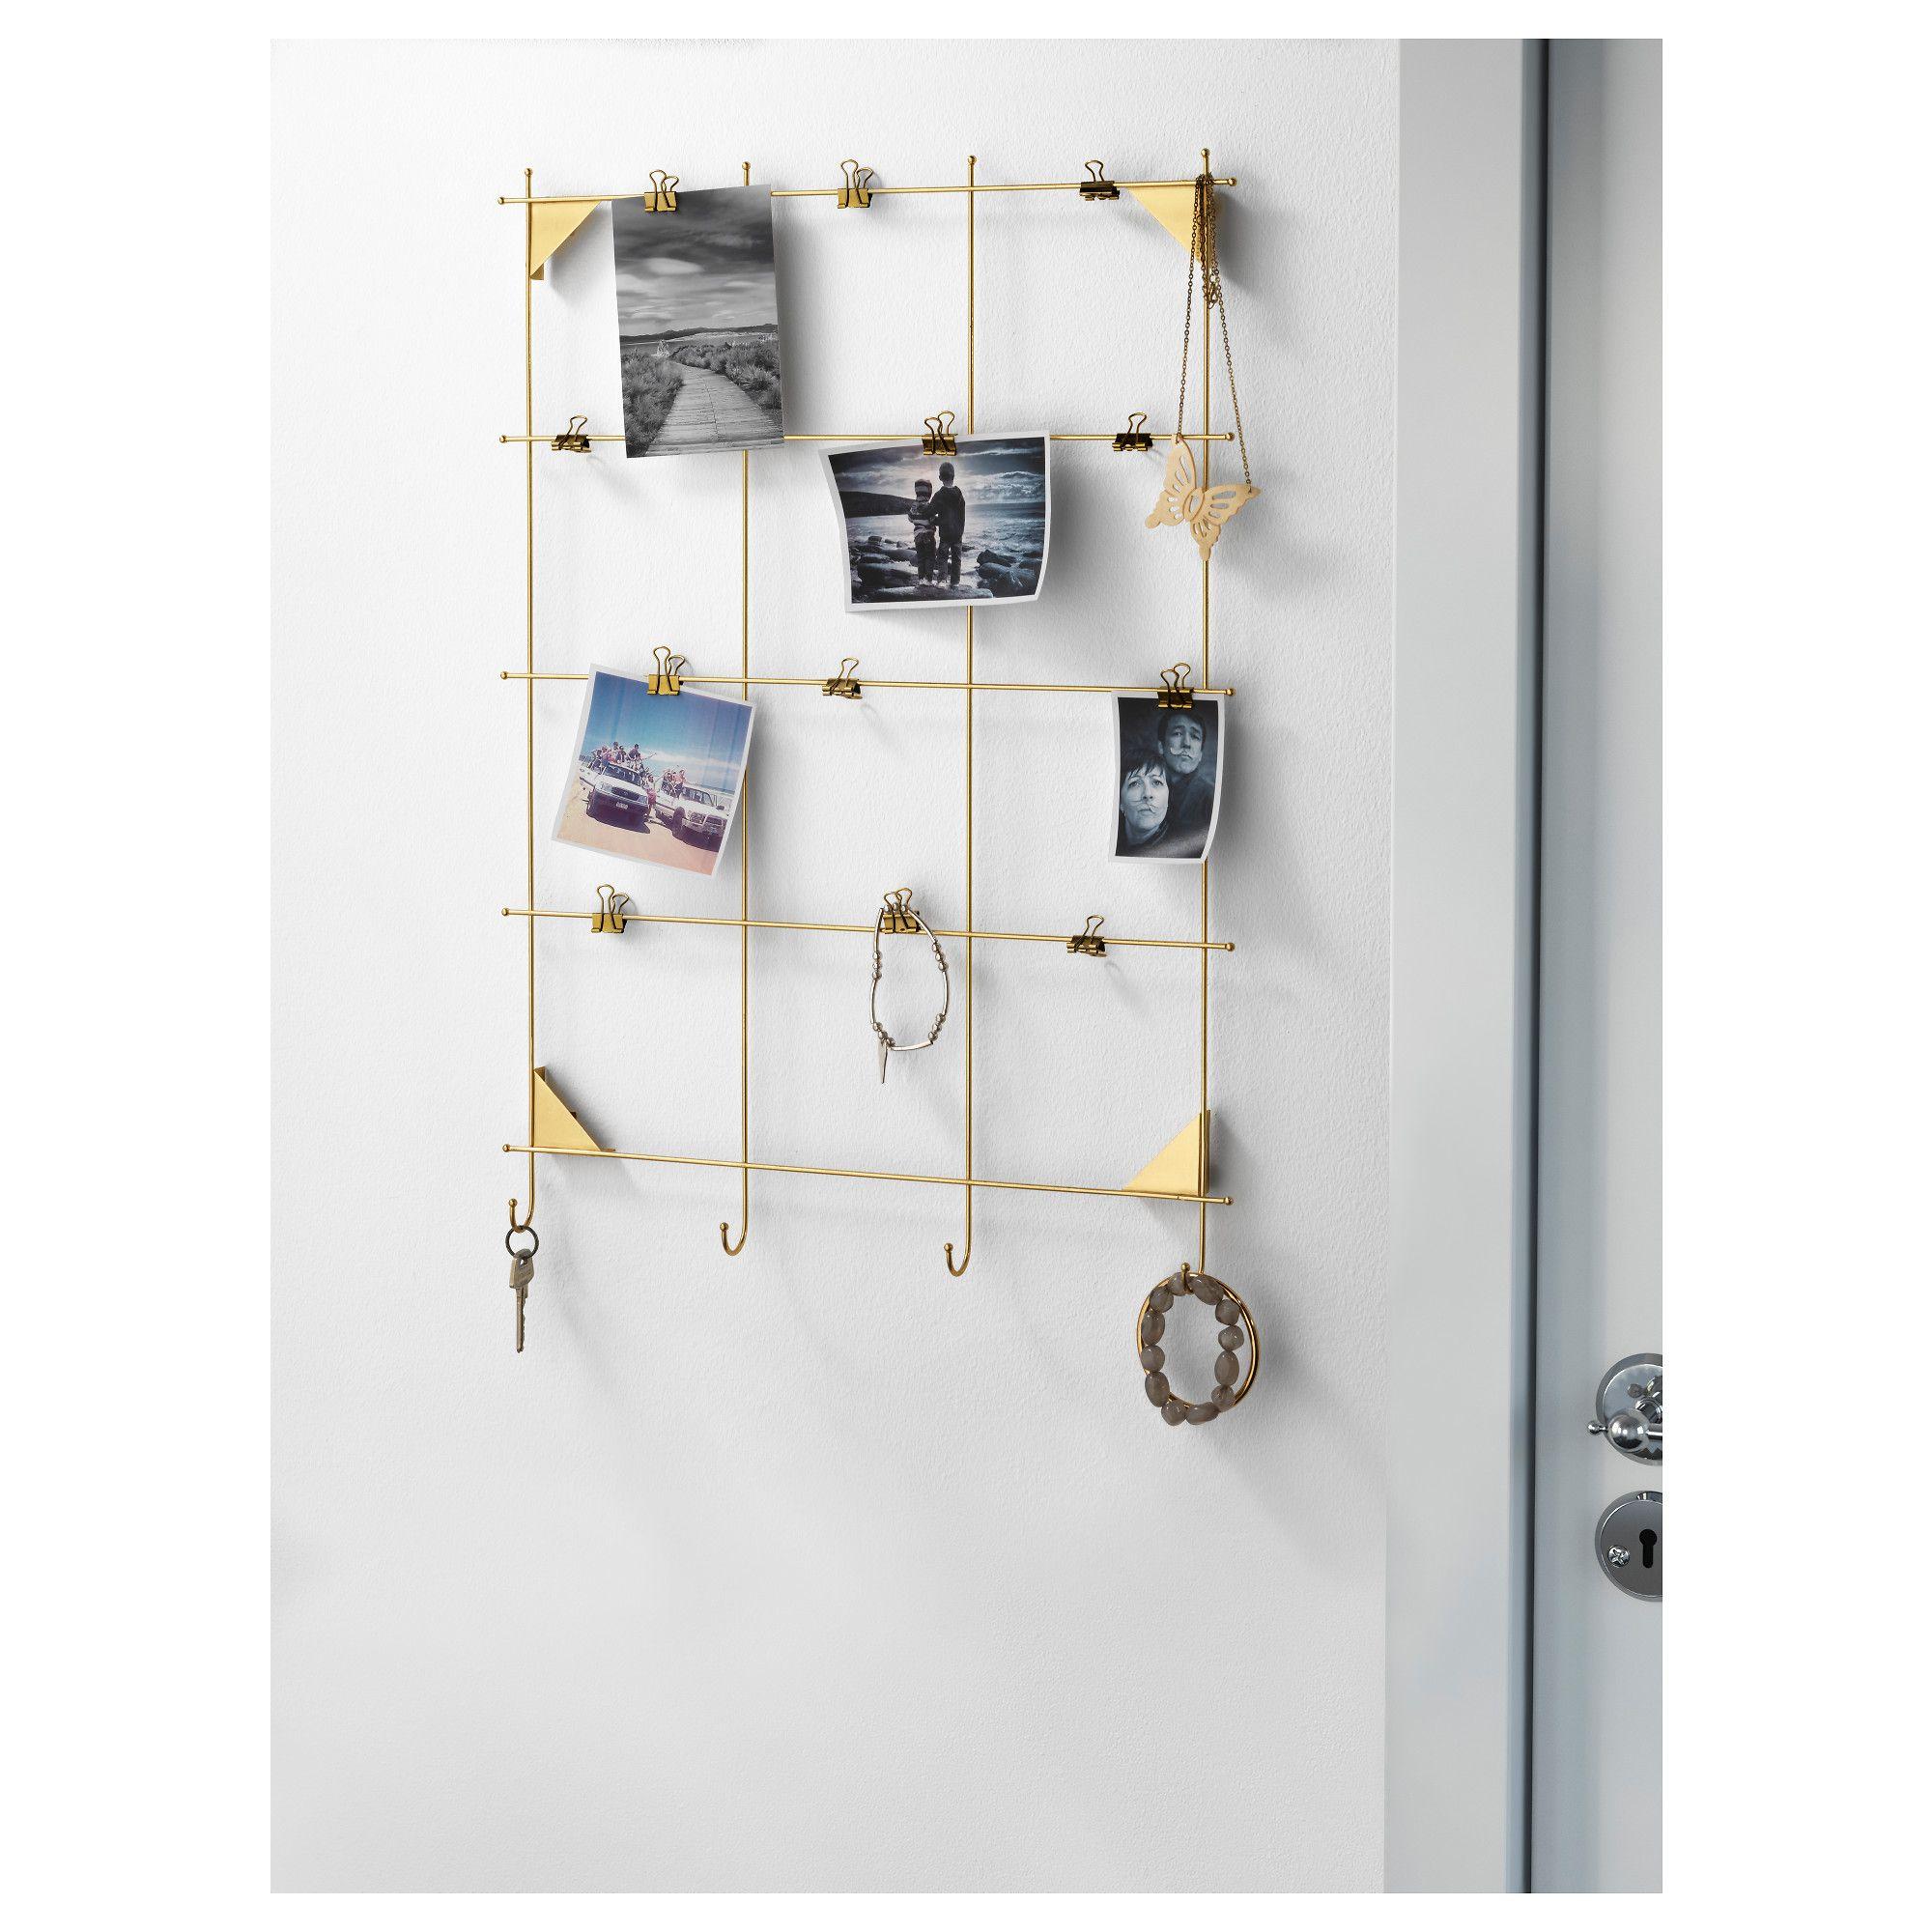 MYRHEDEN Rahmen, messingfarben | Aufhängen, Haken und Ikea